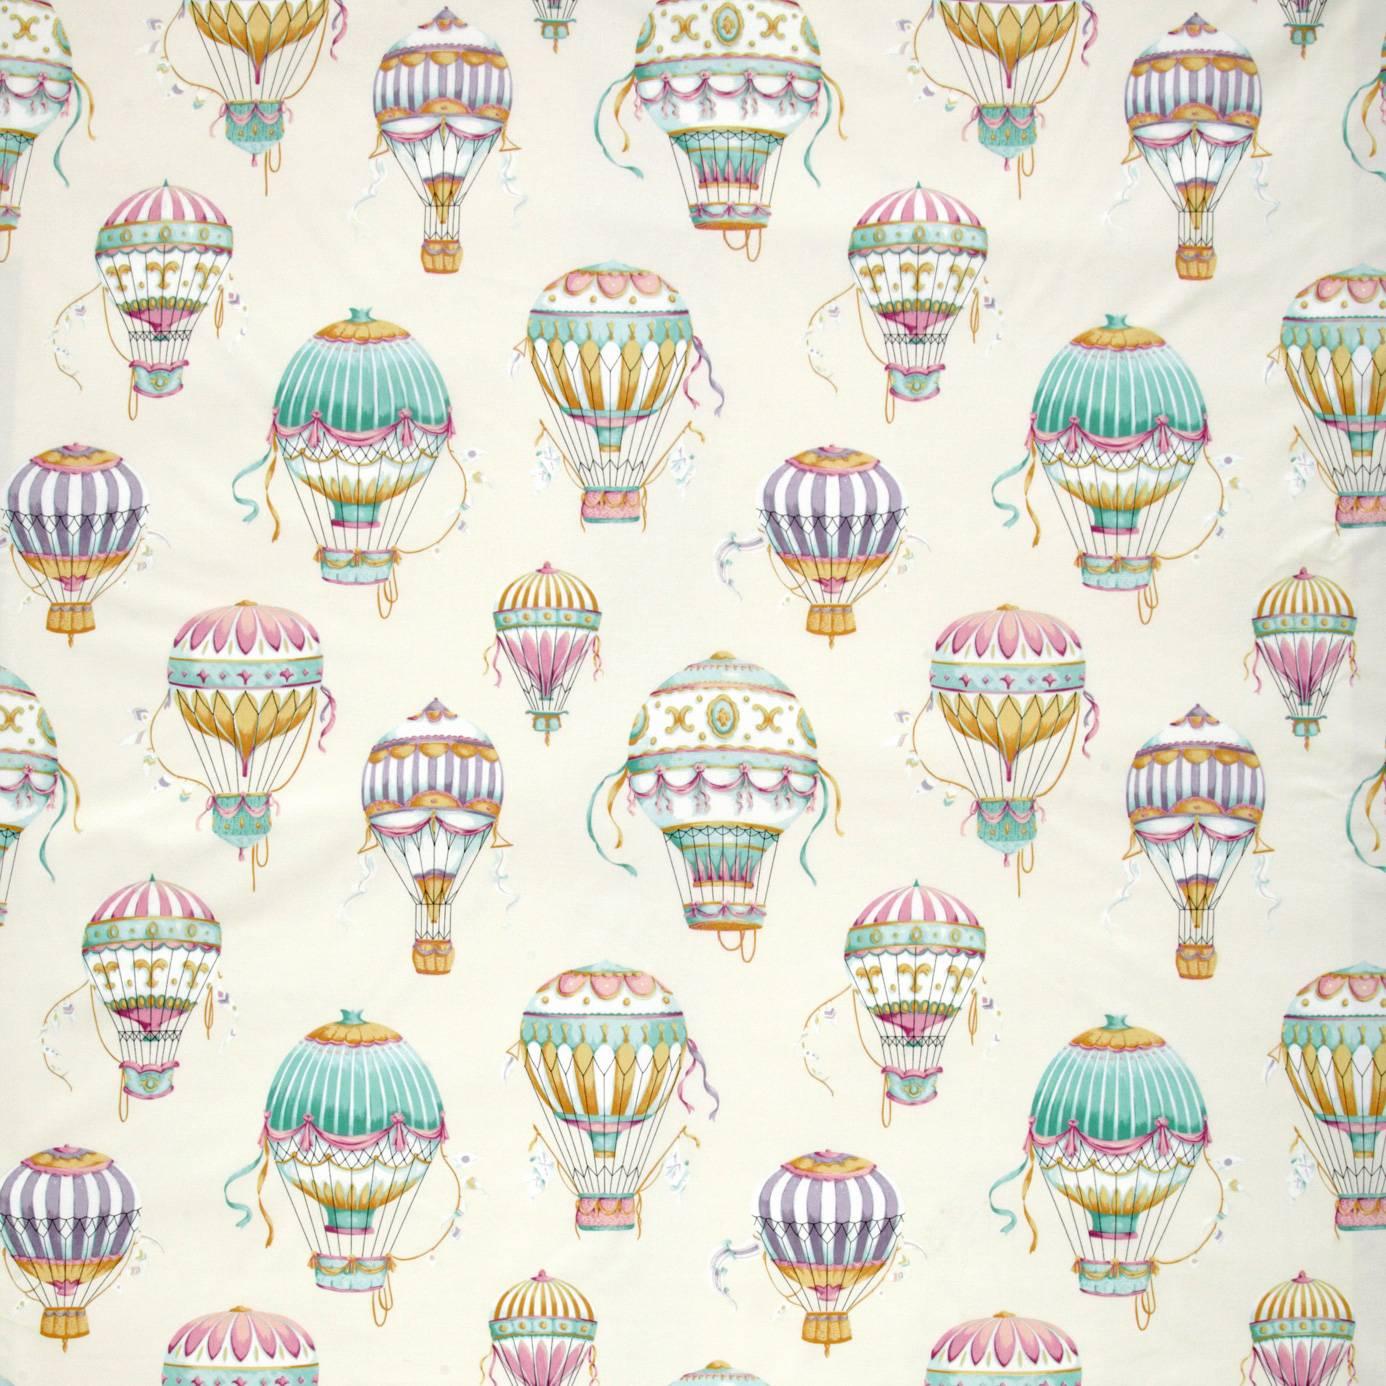 ILiv Floral Pavilion Aqua Fabrics Wallpapers Balloons Wallpaper